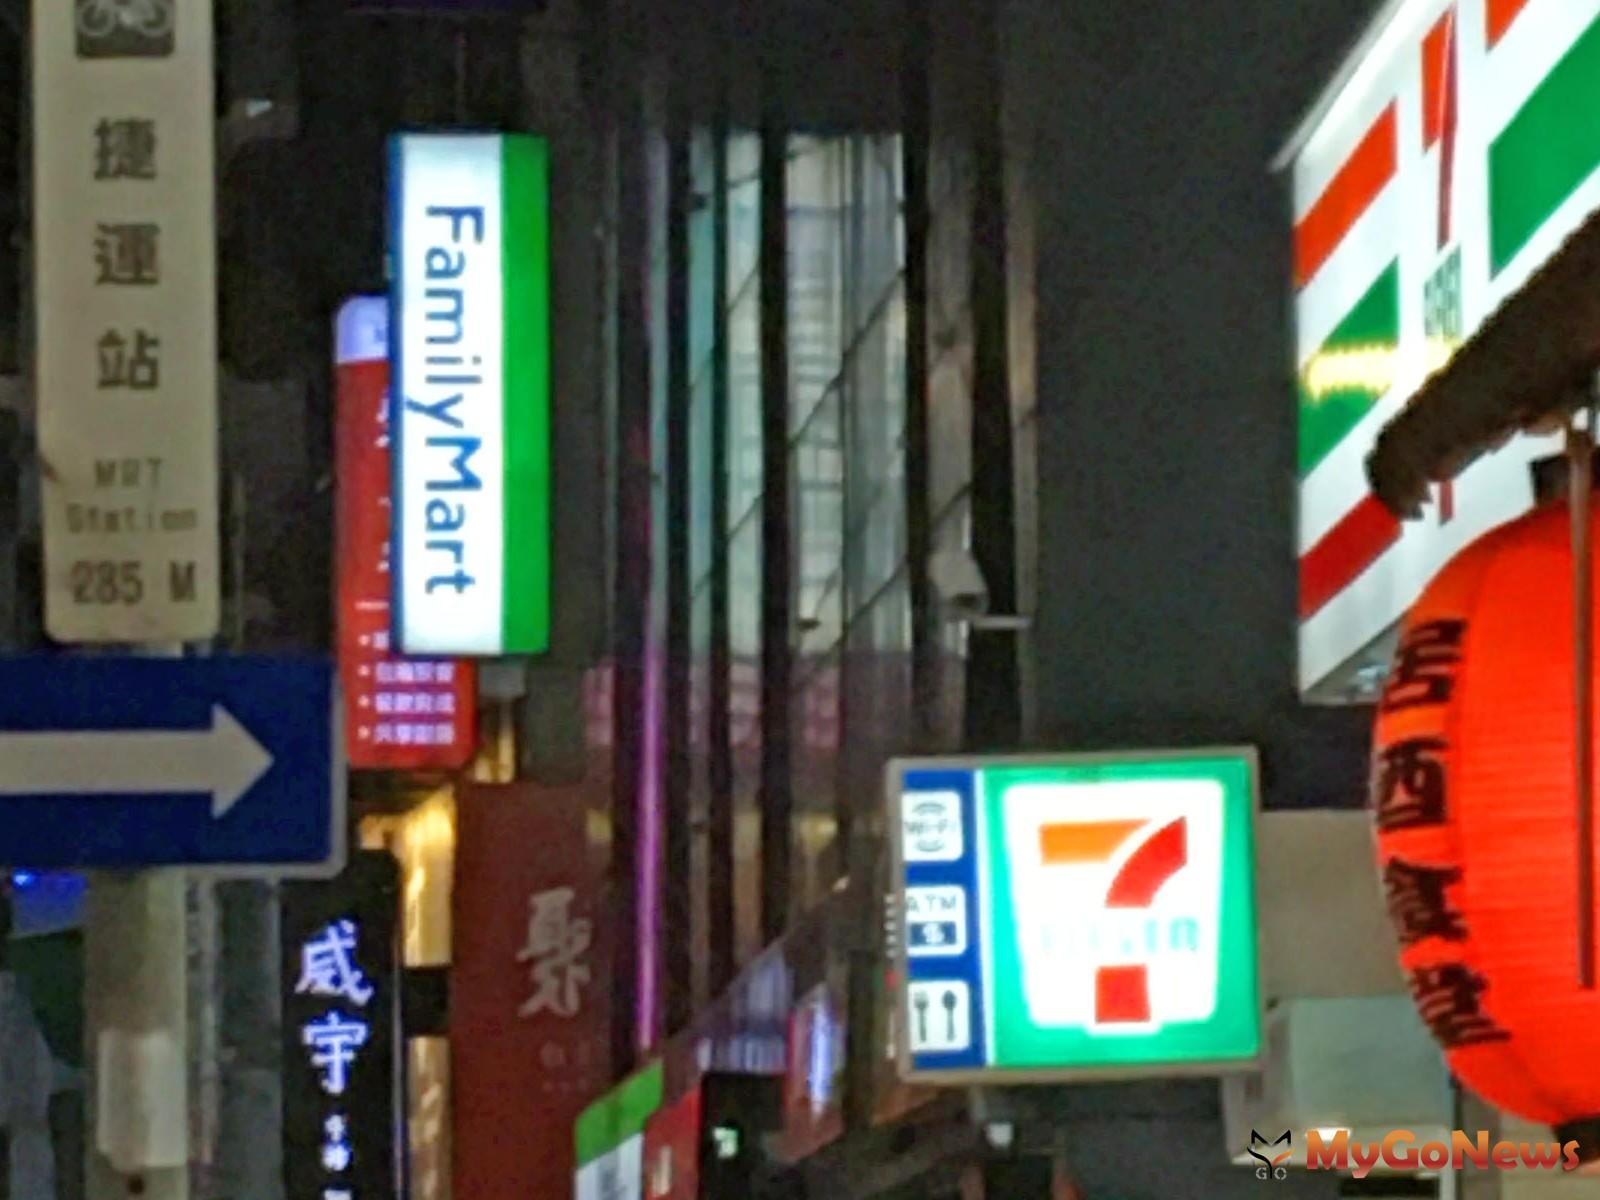 友鄰生活機能,以「便利商店」拔得第一,第二名是「捷運站」,第三名「量販店、大賣場、超市」(圖:中信房屋) MyGoNews房地產新聞 市場快訊